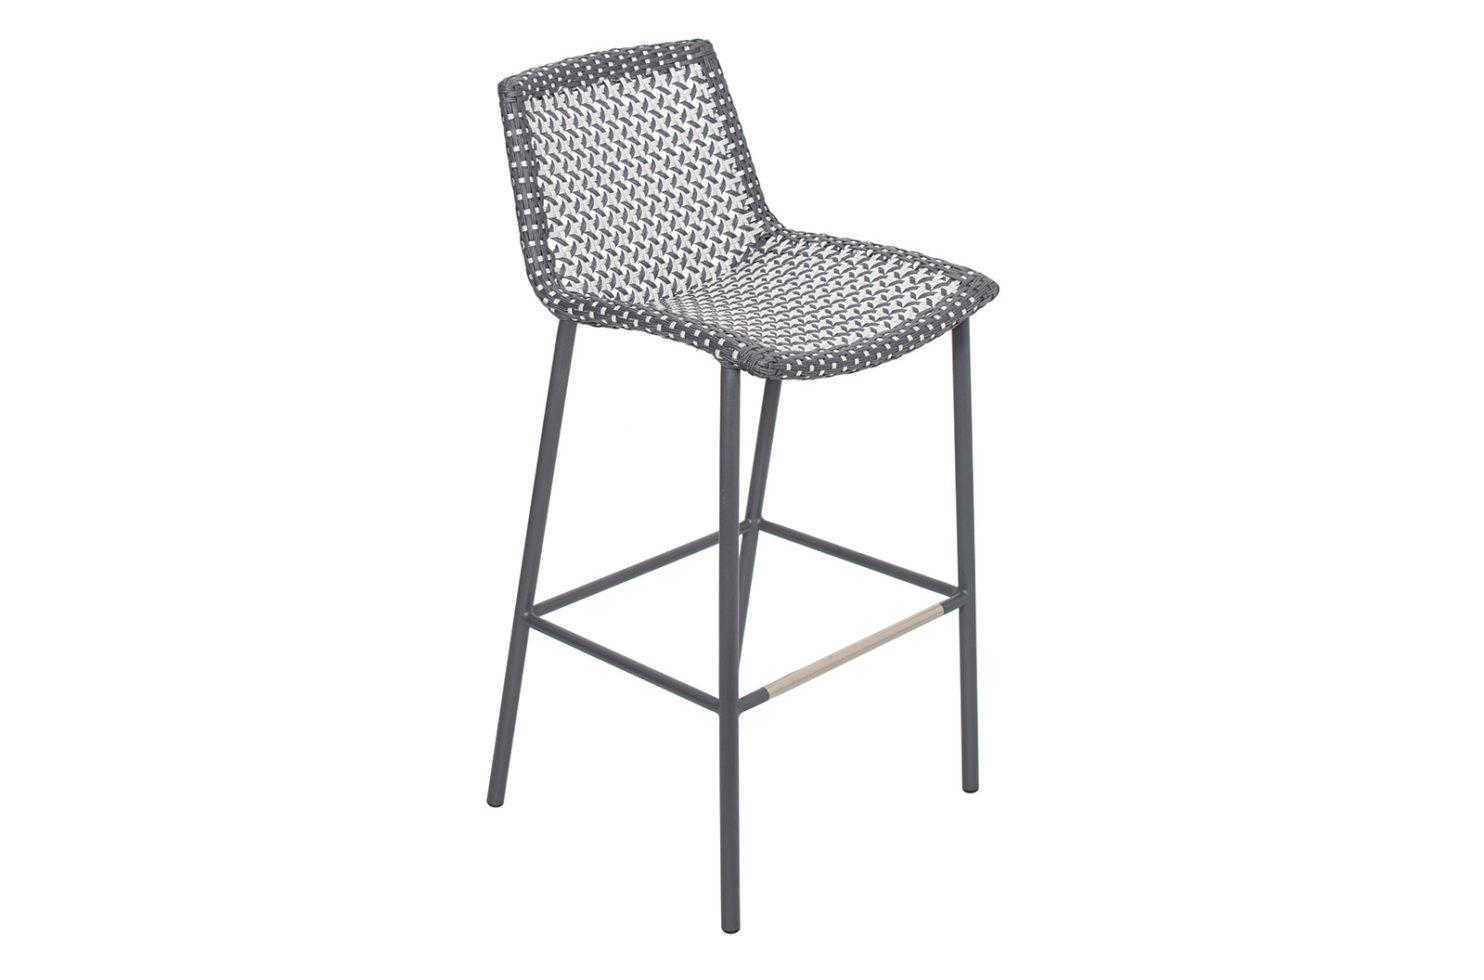 Archipelago San Blas Bar Chair 620FT051P2DG 3Q